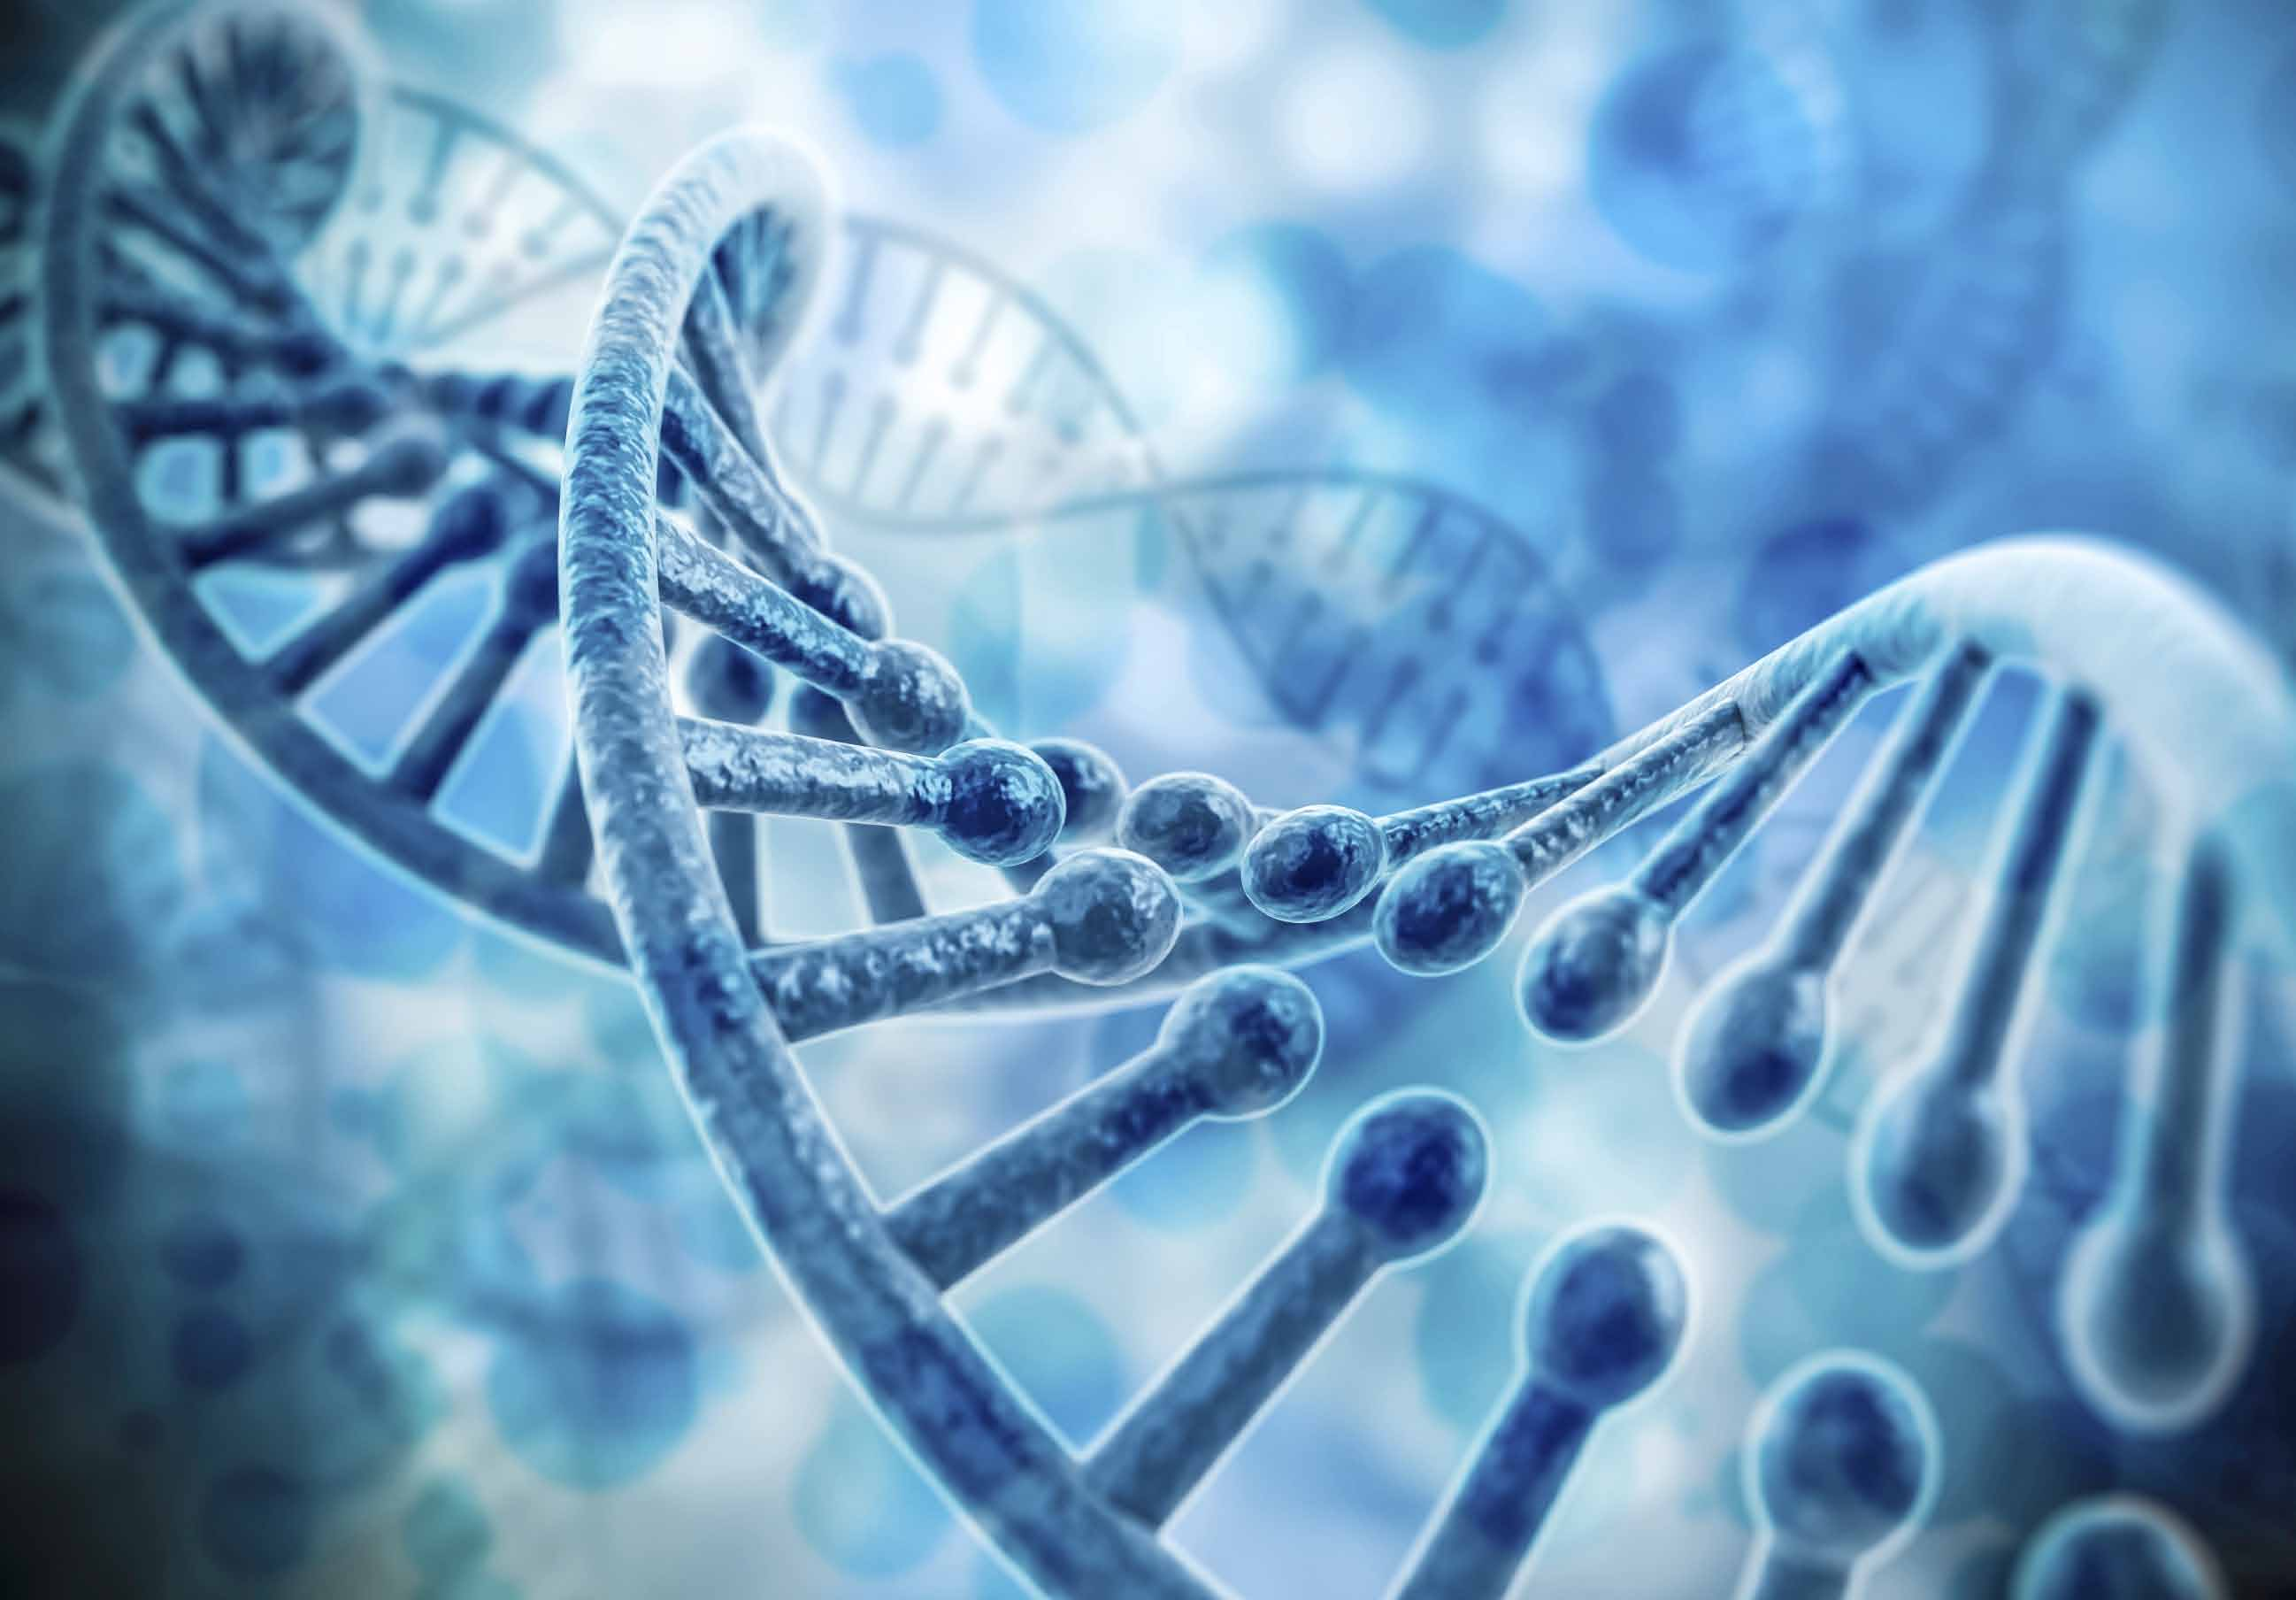 Regulating human genetic research